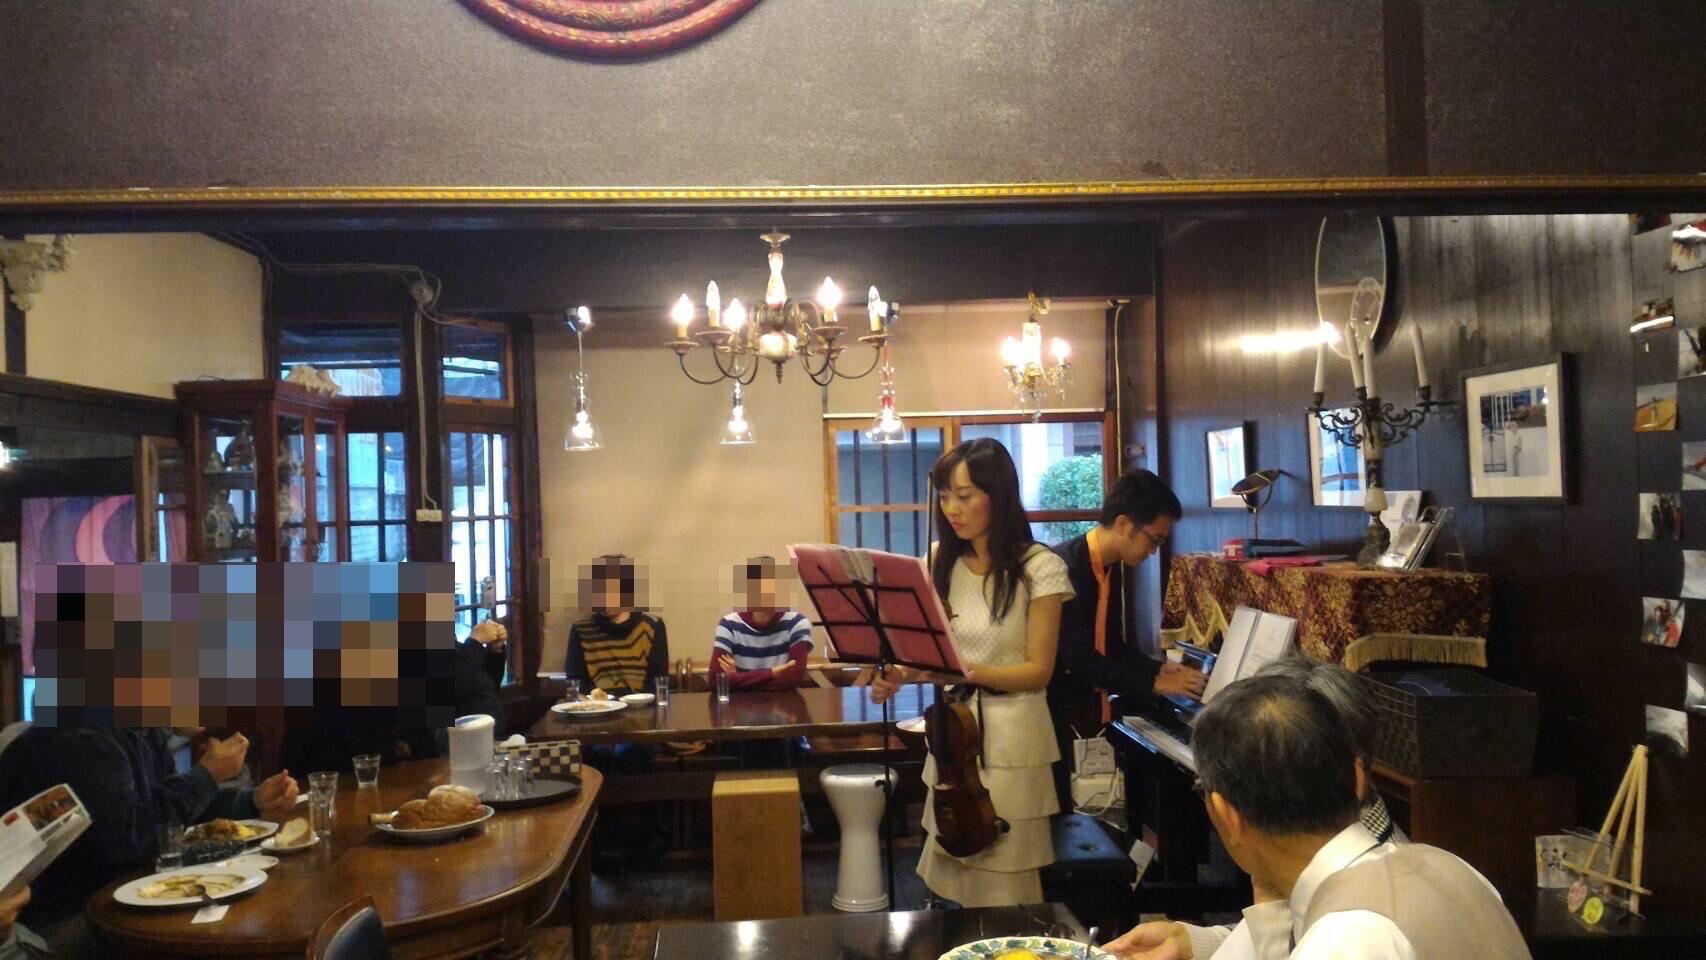 町家を使ったレストランで、とても綺麗な内装です。